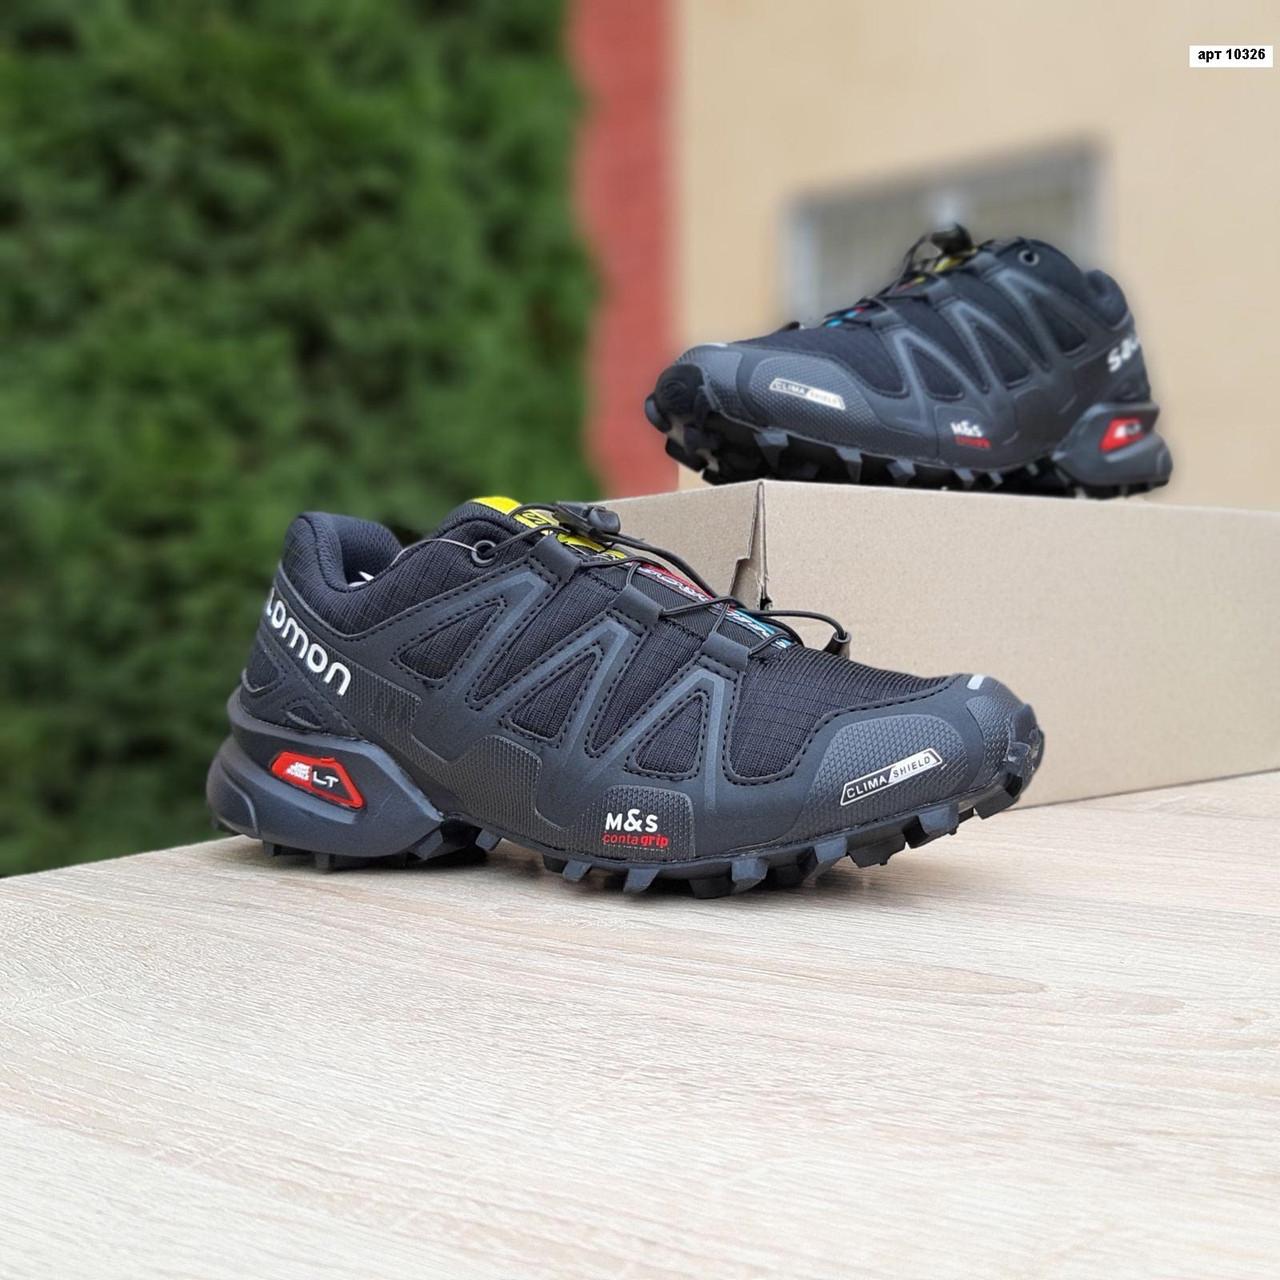 Мужские кроссовки Salomon Speedcross 3 (черно-белые) 10326